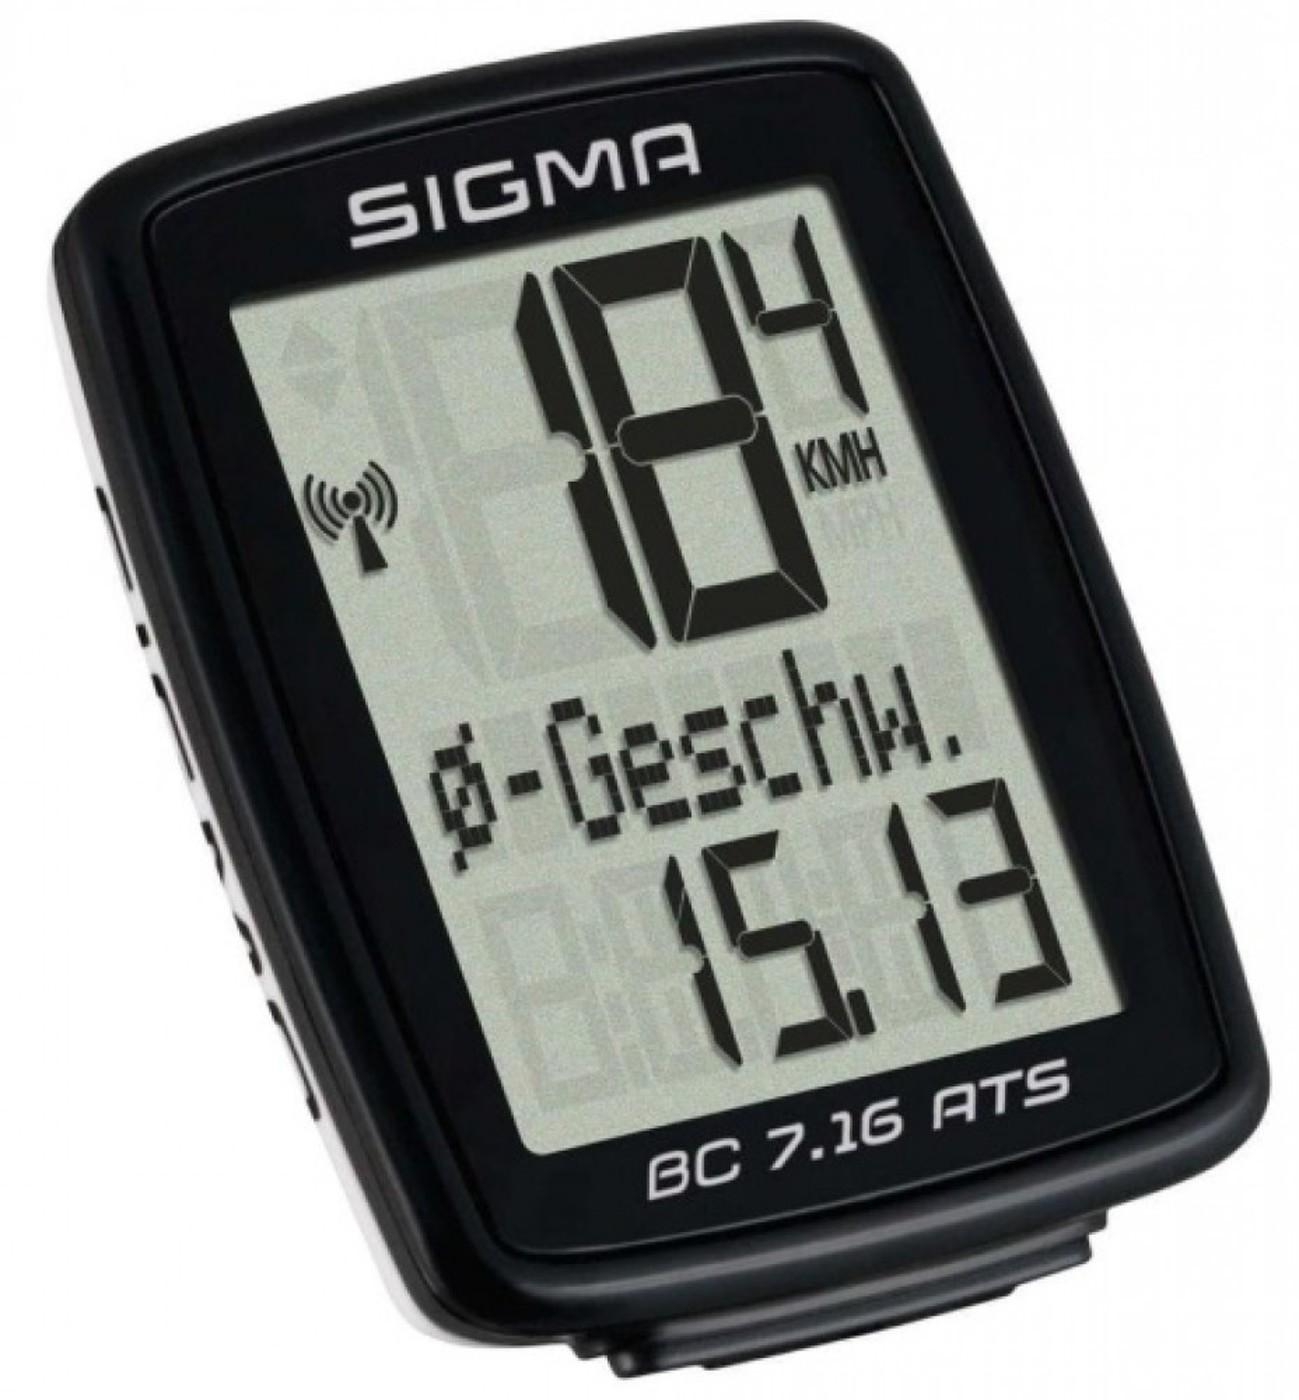 SIGMA TOP LINE BC 7.16 ATS